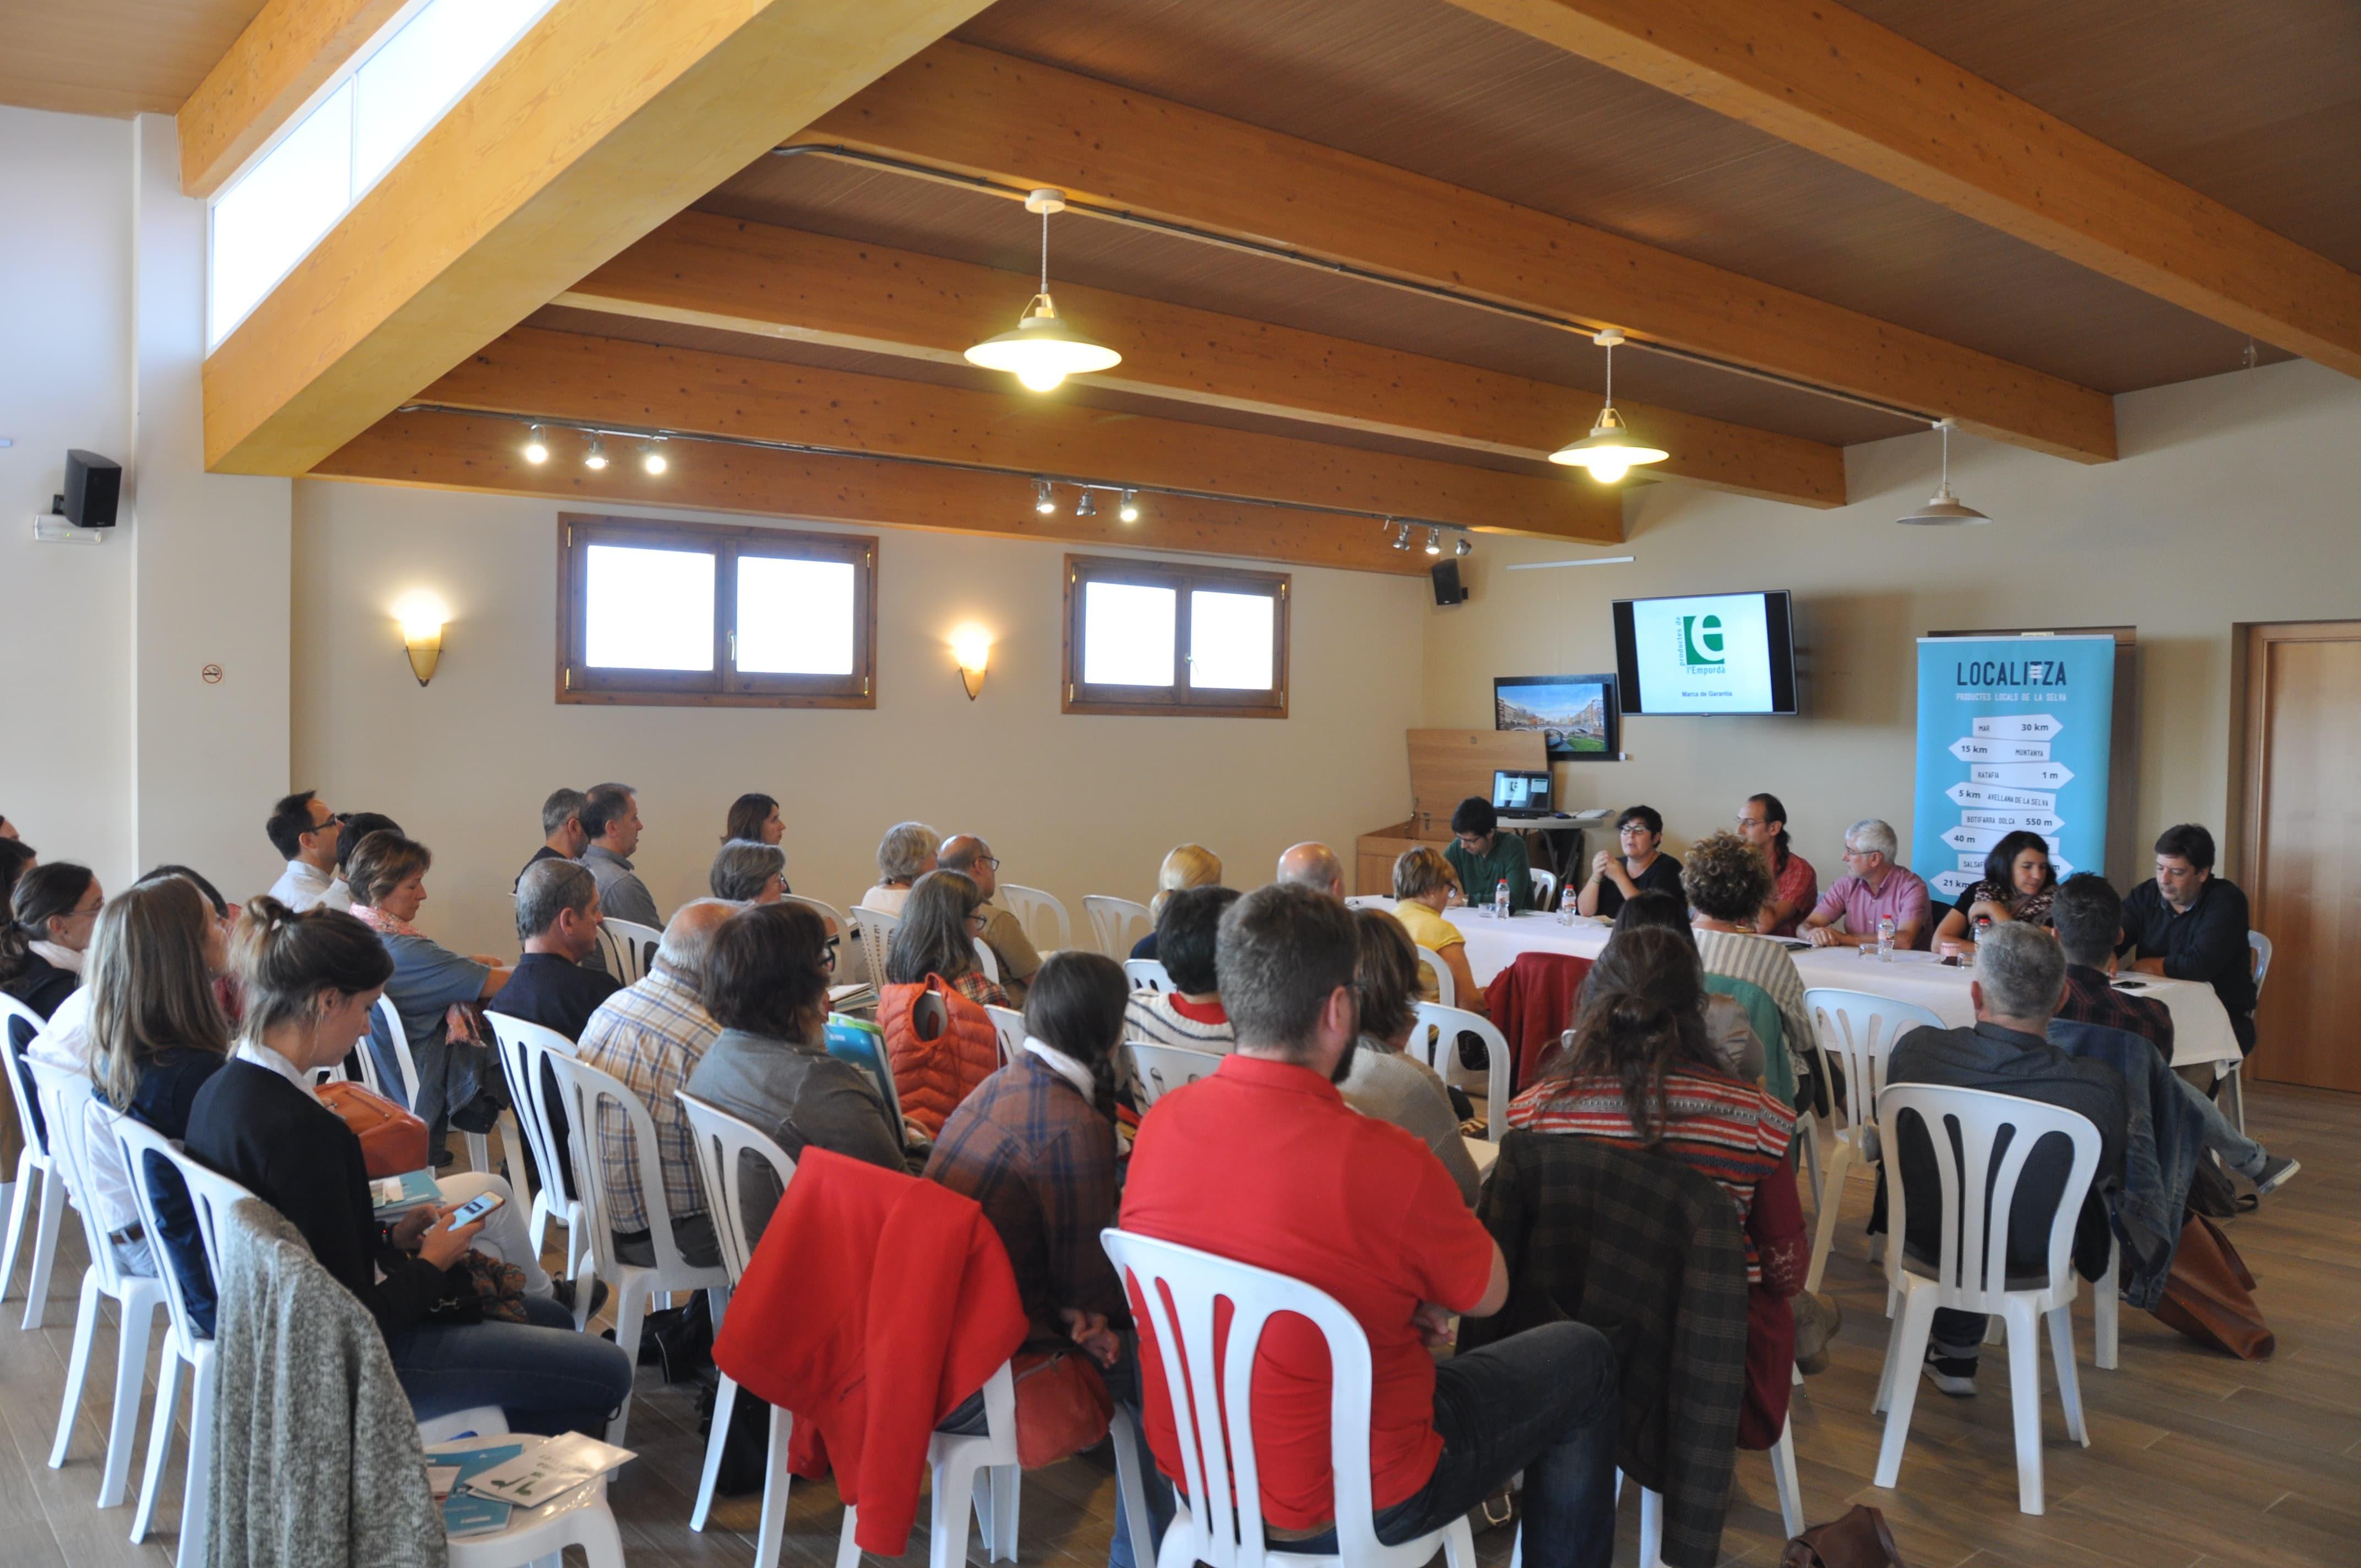 Més De 40 Persones A La Jornada De Producte Local A La Selva